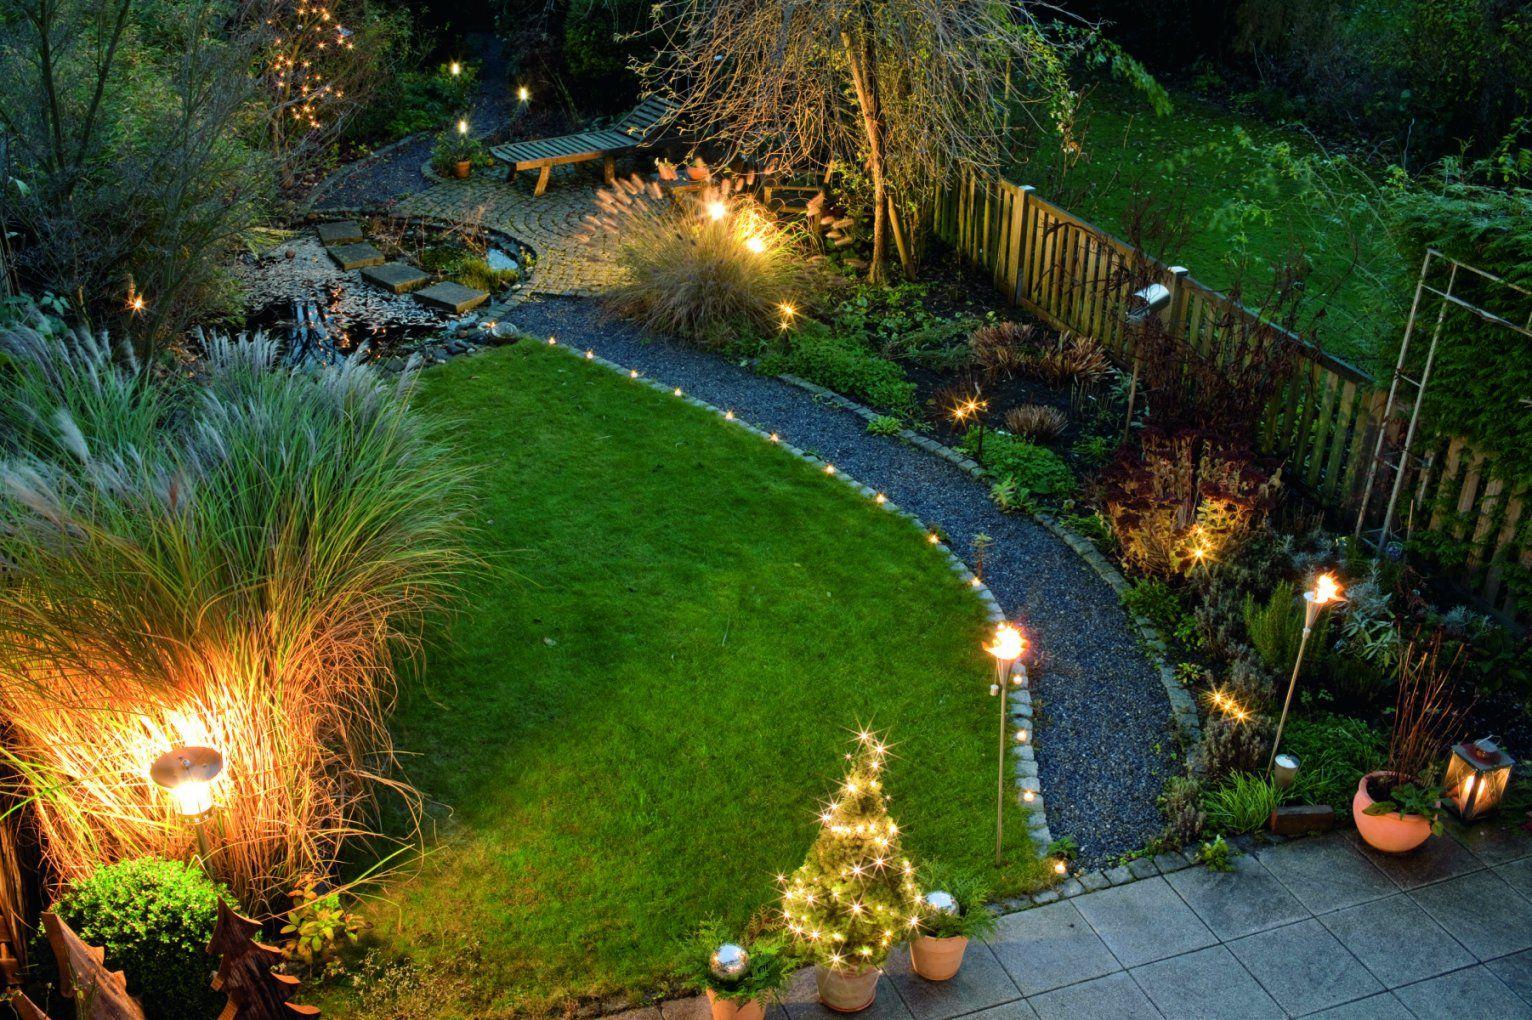 Kleine Gärten  Ideen Für Den Garten  Callwey Gartenbuch von Gartengestaltung Kleine Gärten Bilder Photo